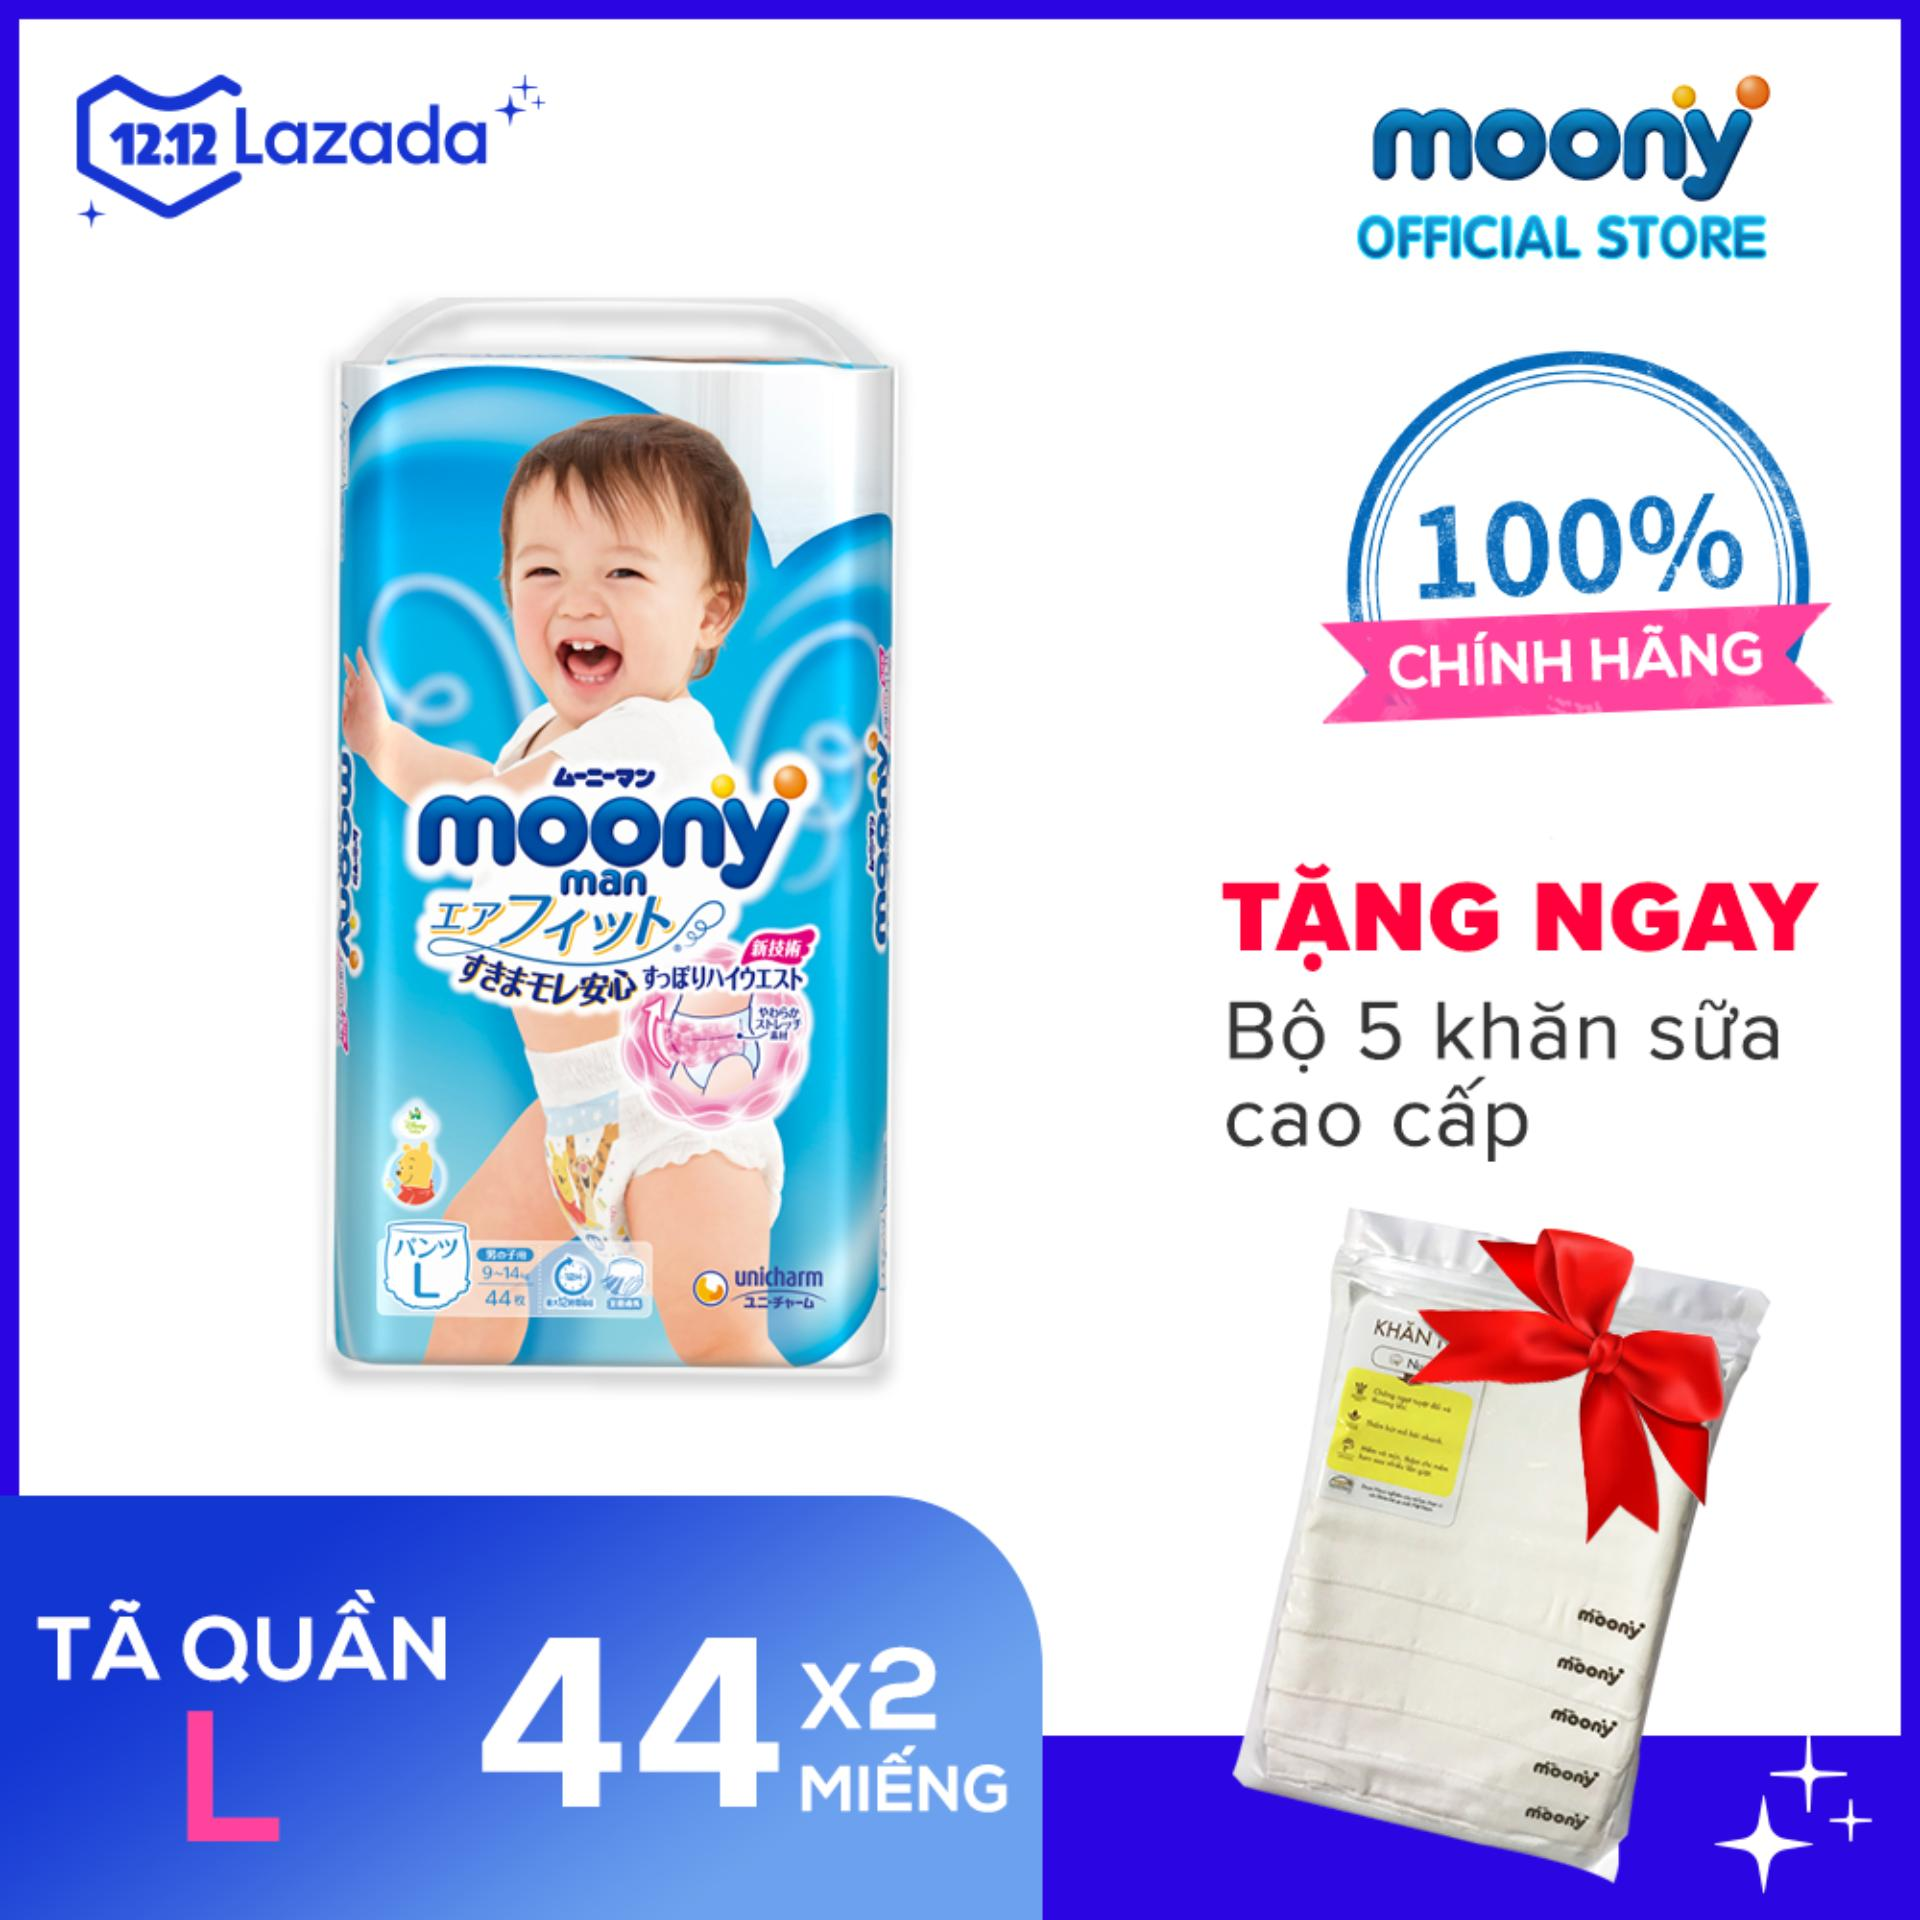 Offer Khuyến Mãi [QUÀ TẶNG KÈM] Tã/bỉm Quần Moony L - 44 Miếng Dành Cho Bé Trai - Tặng Set 5 Khăn Sữa Cho Bé